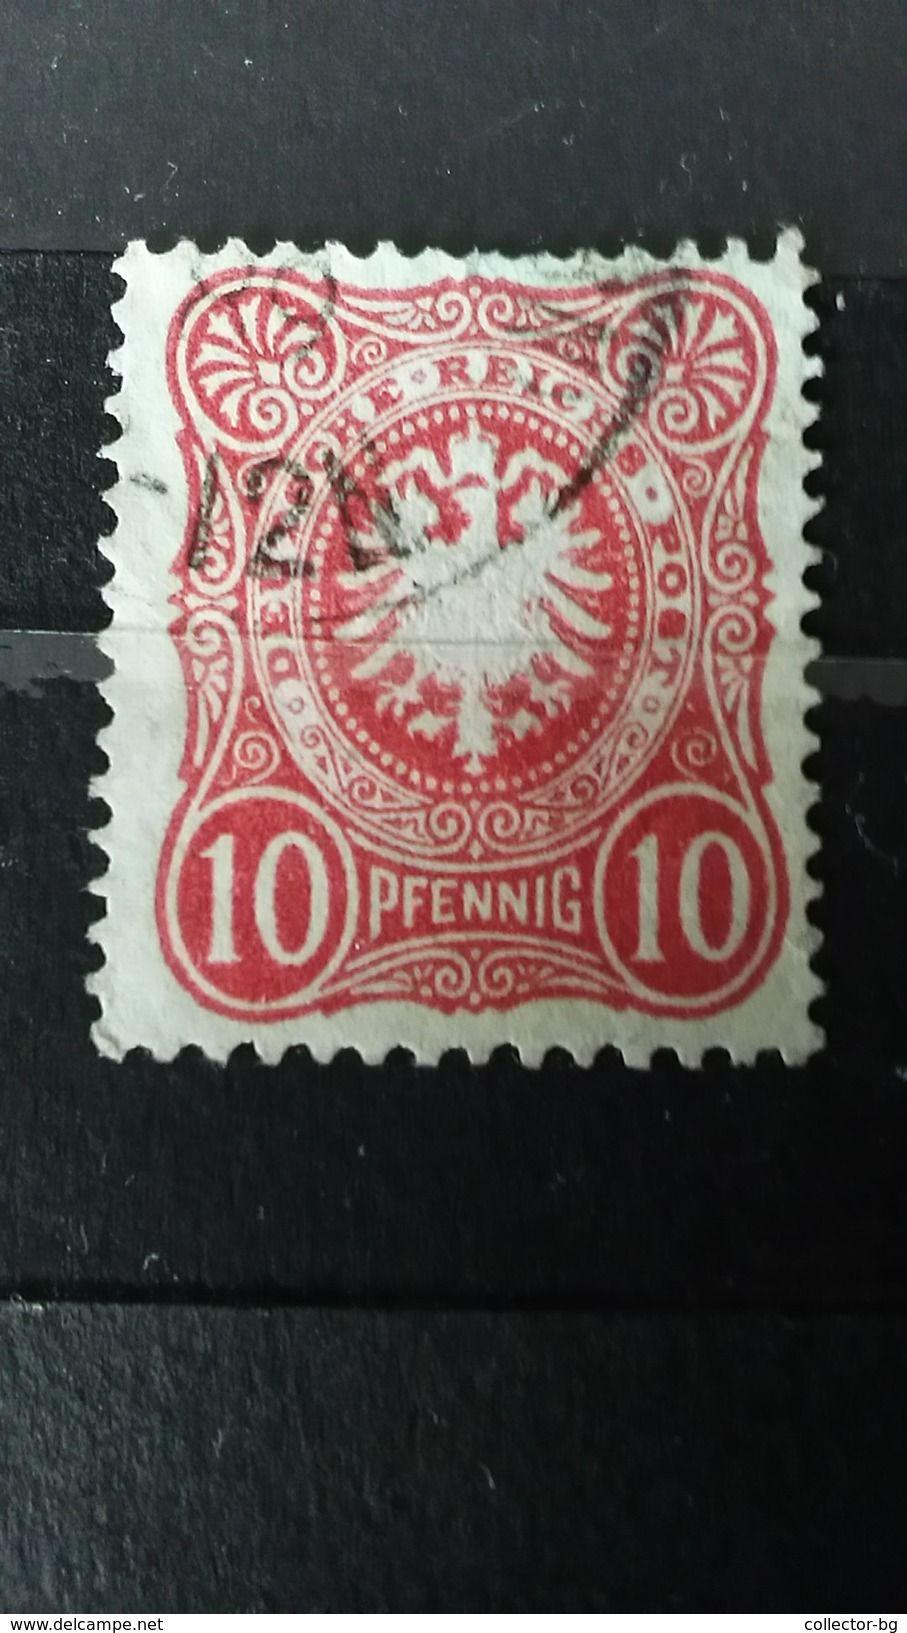 RARE 10 PFENNIG DEUTSCHE REICH GERMANY EMPIRE 1889 MINT NO